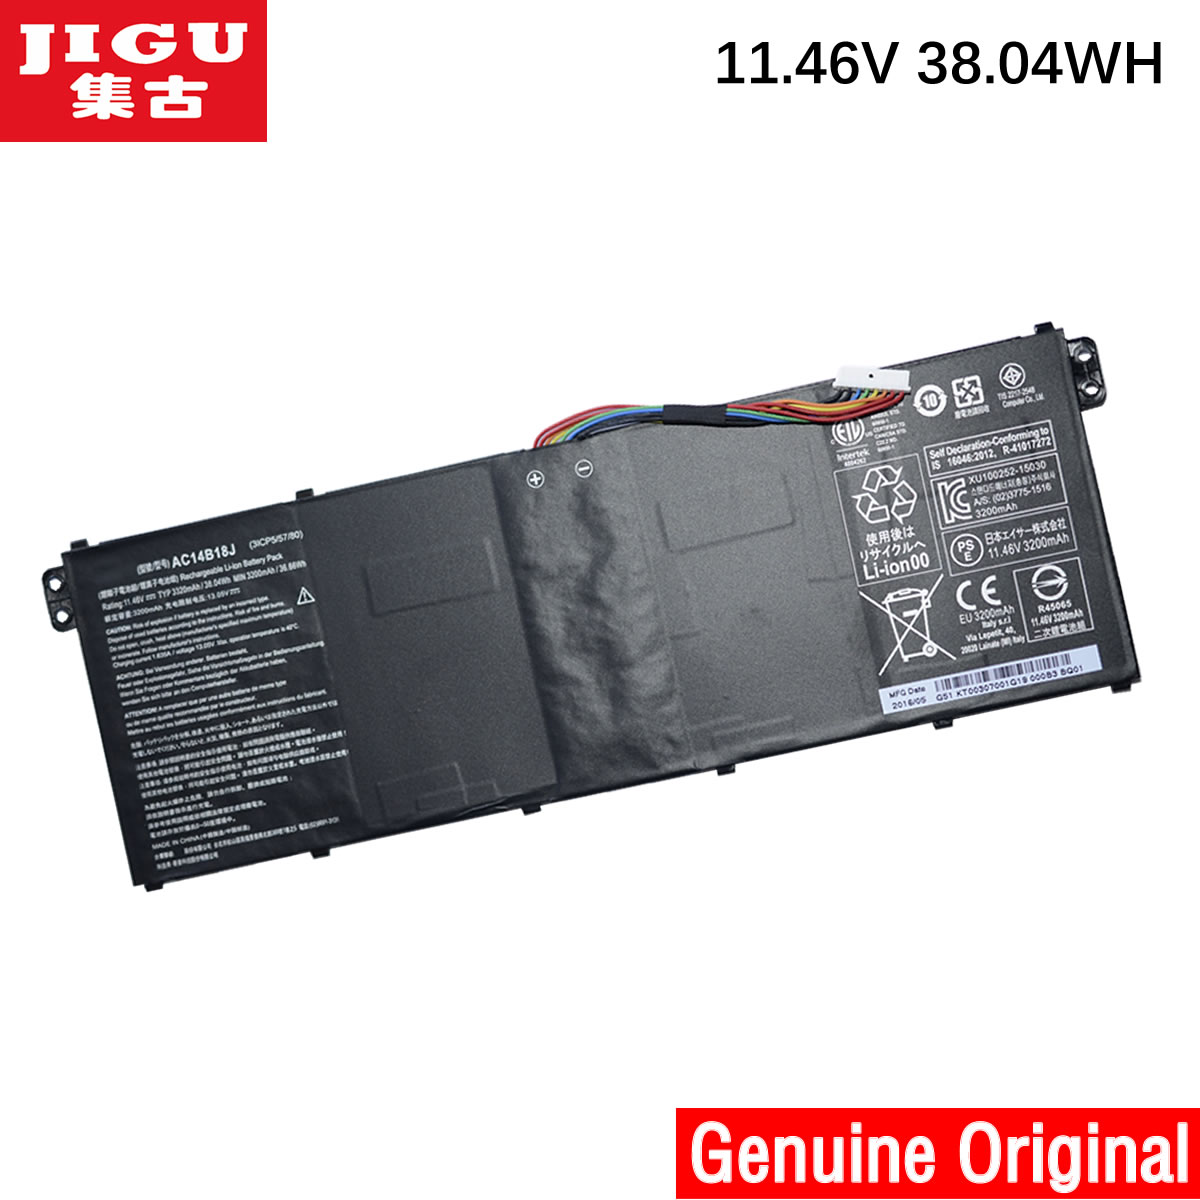 JIGU AC14B18J מקורי מחשב נייד סוללה עבור Acer Aspire E3-111 E3-112 E3-112M ES1-511 TravelMate B116 B115-M B115-MP AC14B13j